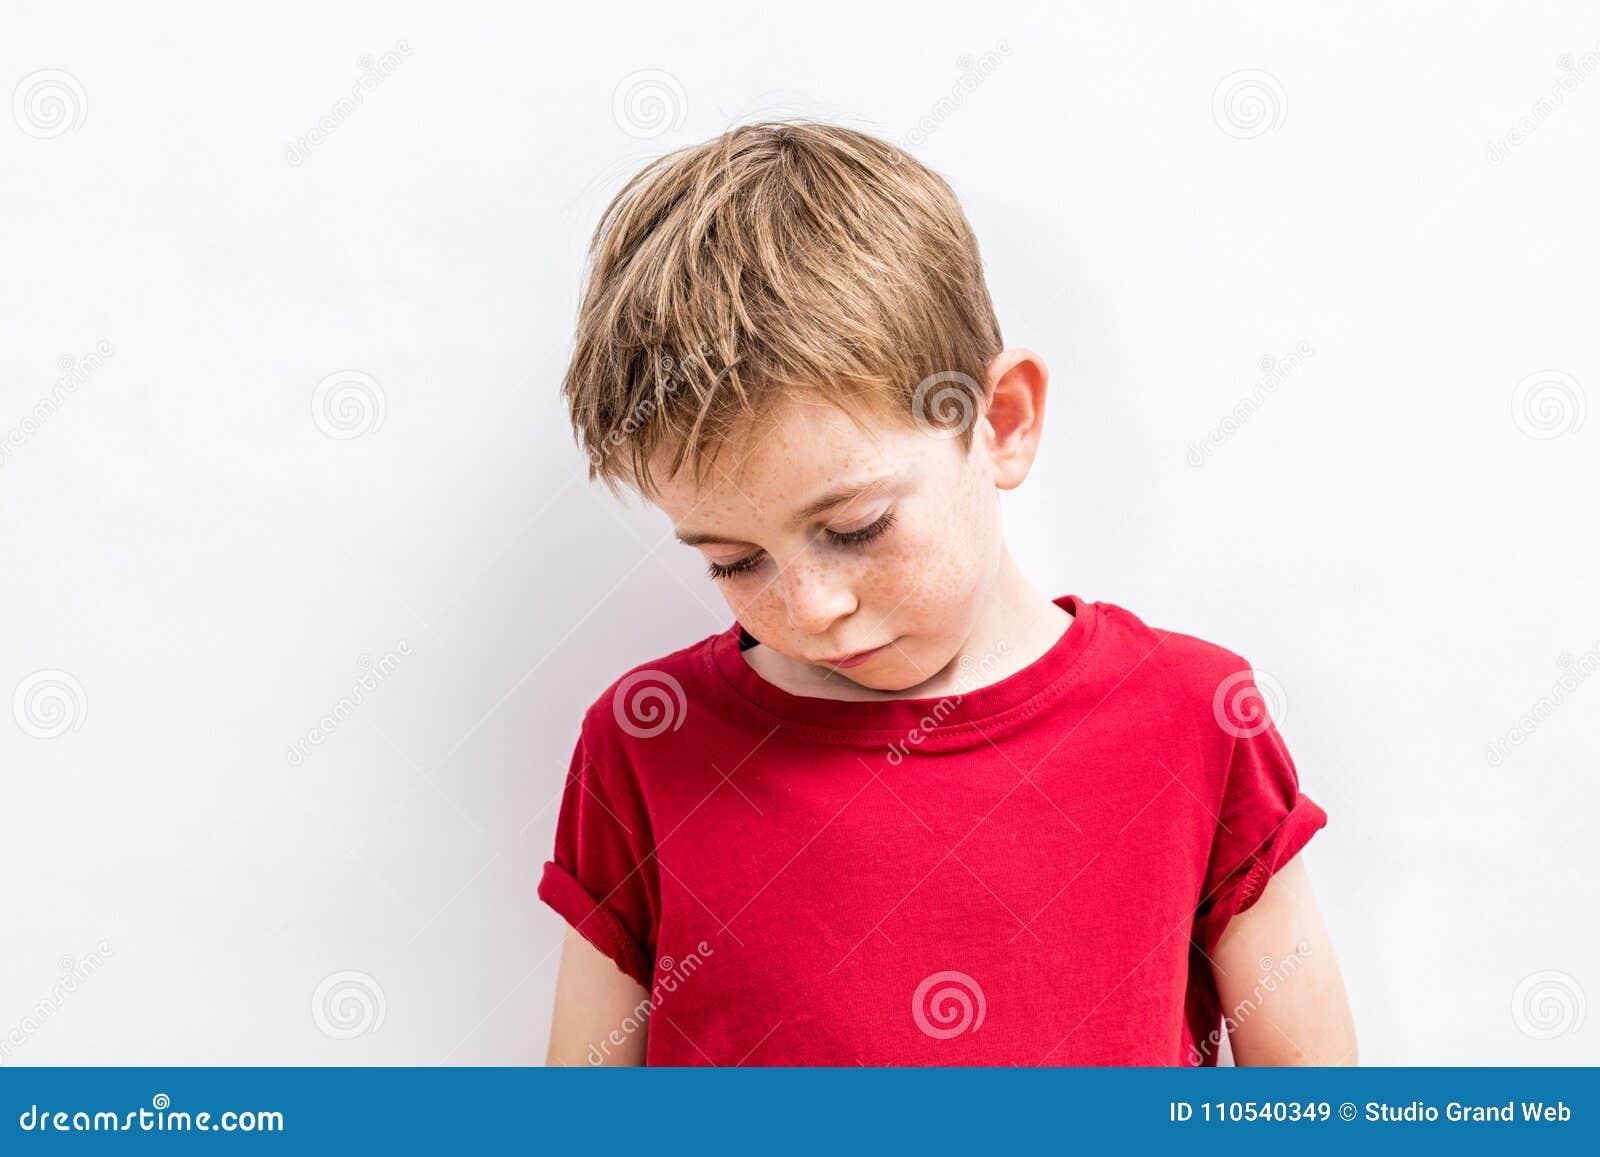 Teleurgesteld kind die onderaan het uitdrukken van eenzaamheid, ontgoochelings of ouderproblemen kijken